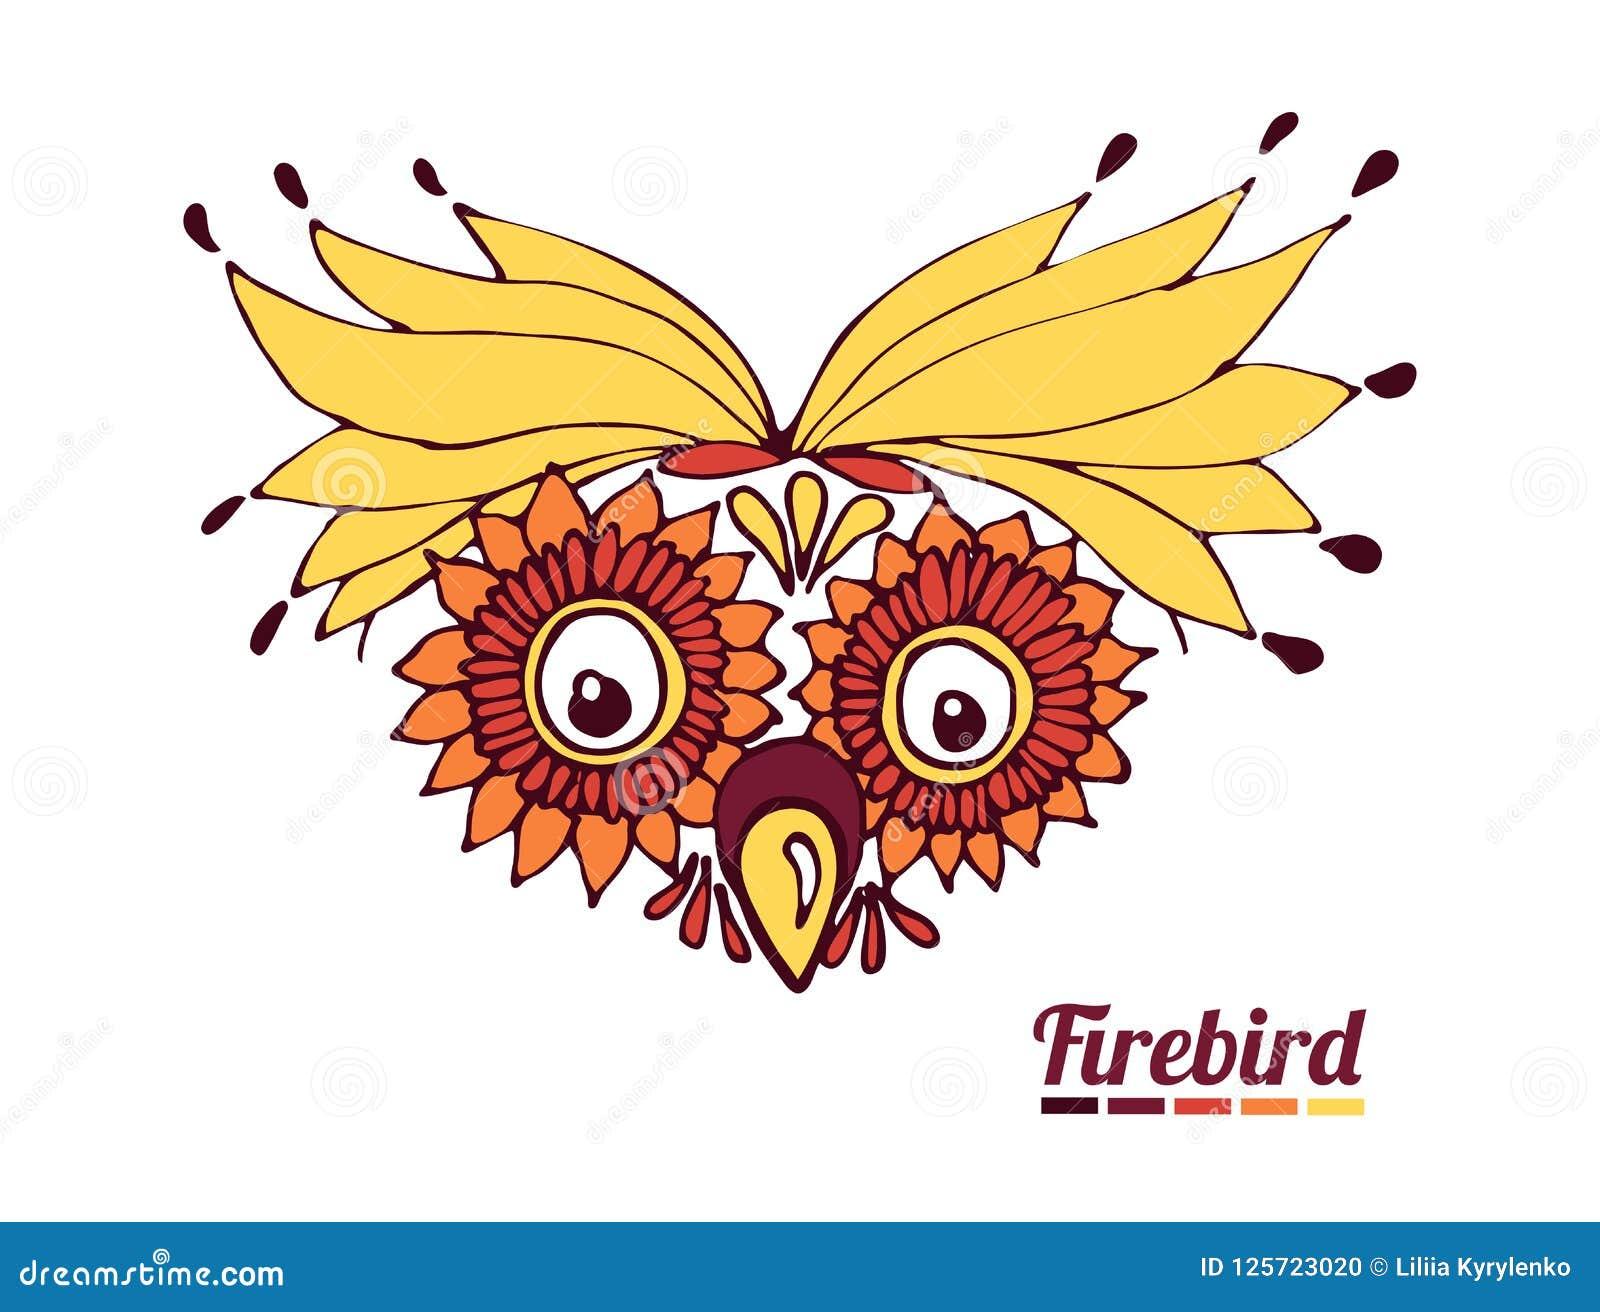 Αστείο ρύγχος firebird ένας φανταστικός παπαγάλος ή μια κουκουβάγια